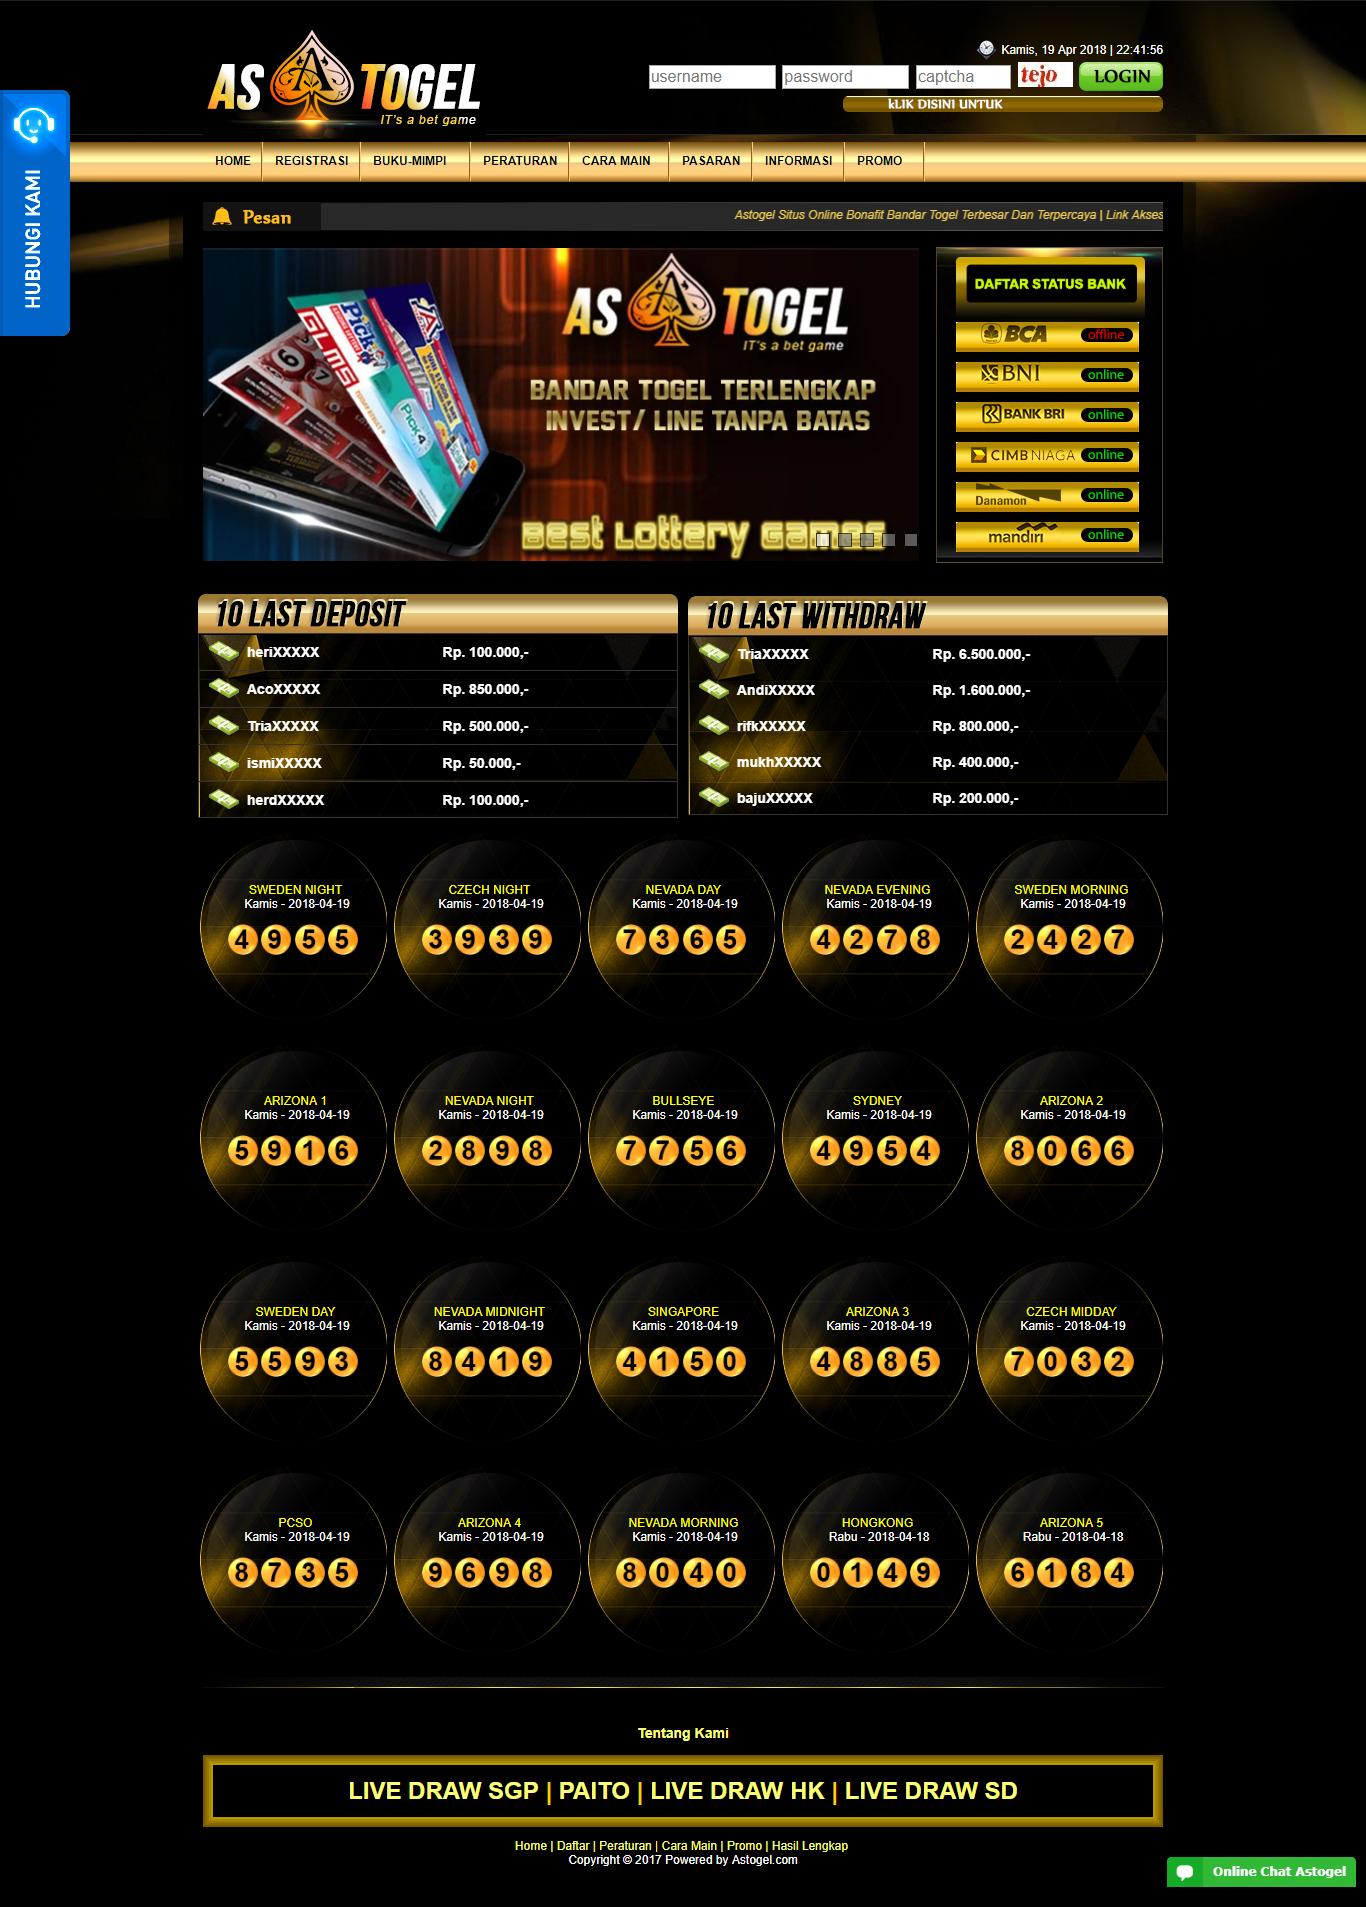 Astogel Com Adalah Website Resmi Togel Online Terbaik Yang Menjadi Bandar Togel Terbesar Dan Terpercaya Untuk Wilayah Asia Agen Togel Res Sydney Pesan Website